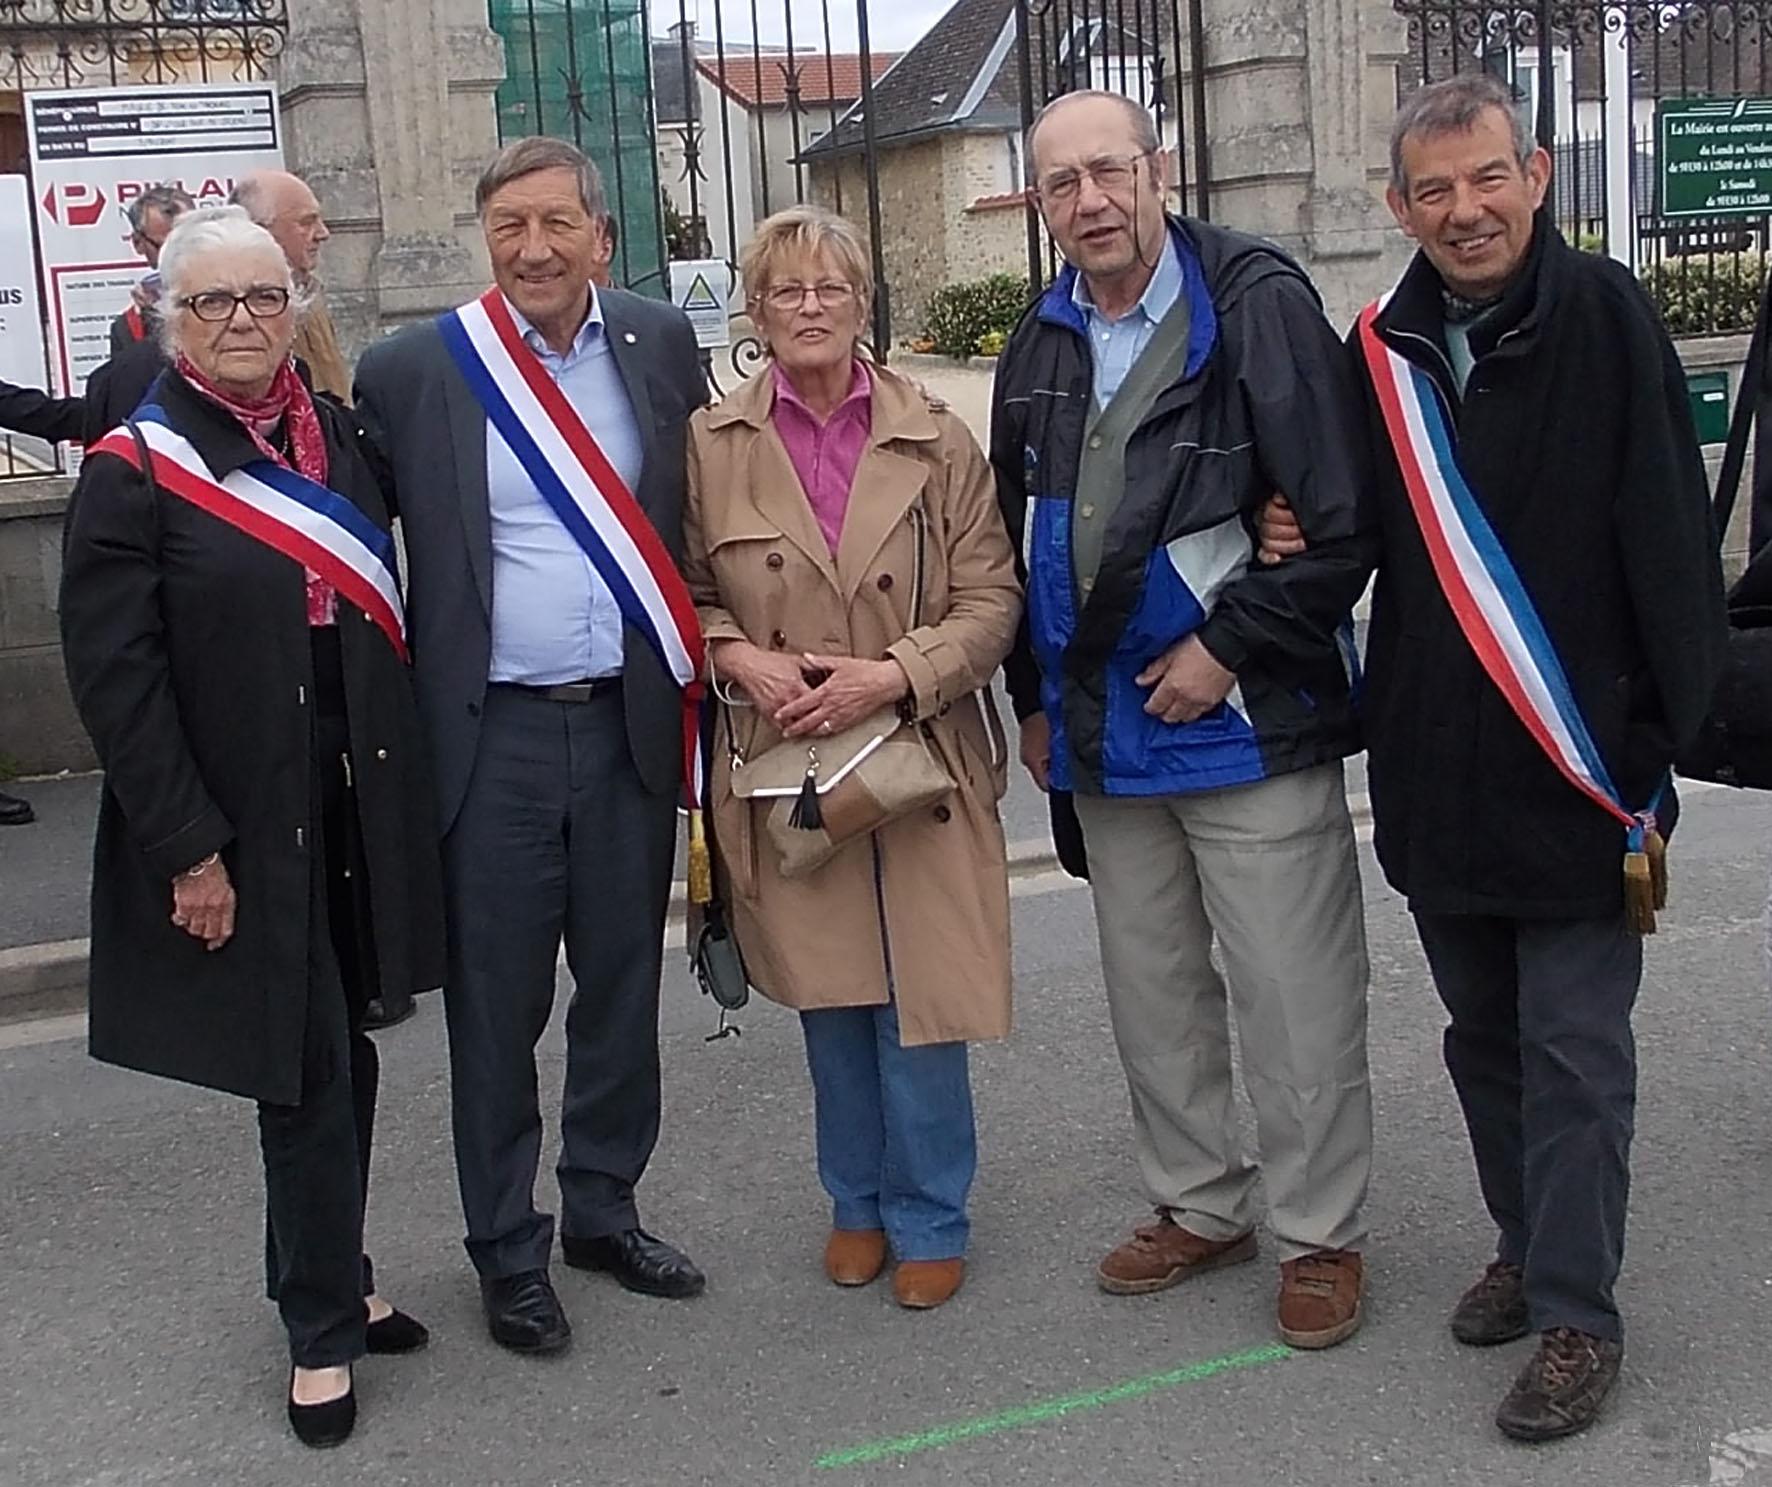 Yannick Cernet et Christian Bartkowiak, 2 citoyens de Vallées-en-Champagne, sont venus soutenir les élus.